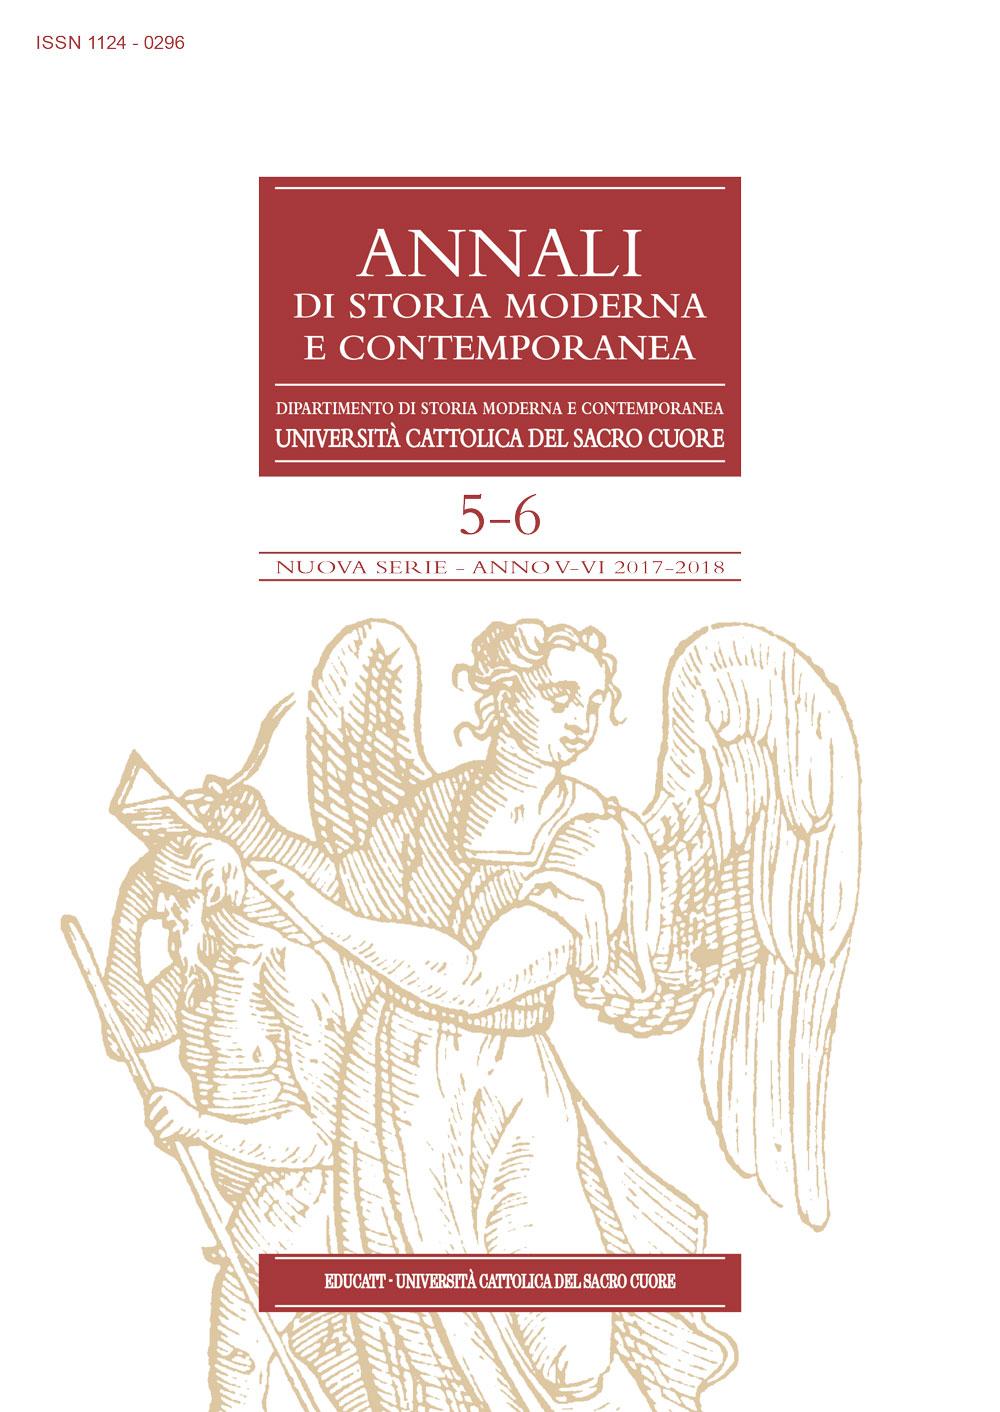 Annali di storia moderna e contemporanea (2017/2018) vol.5-6